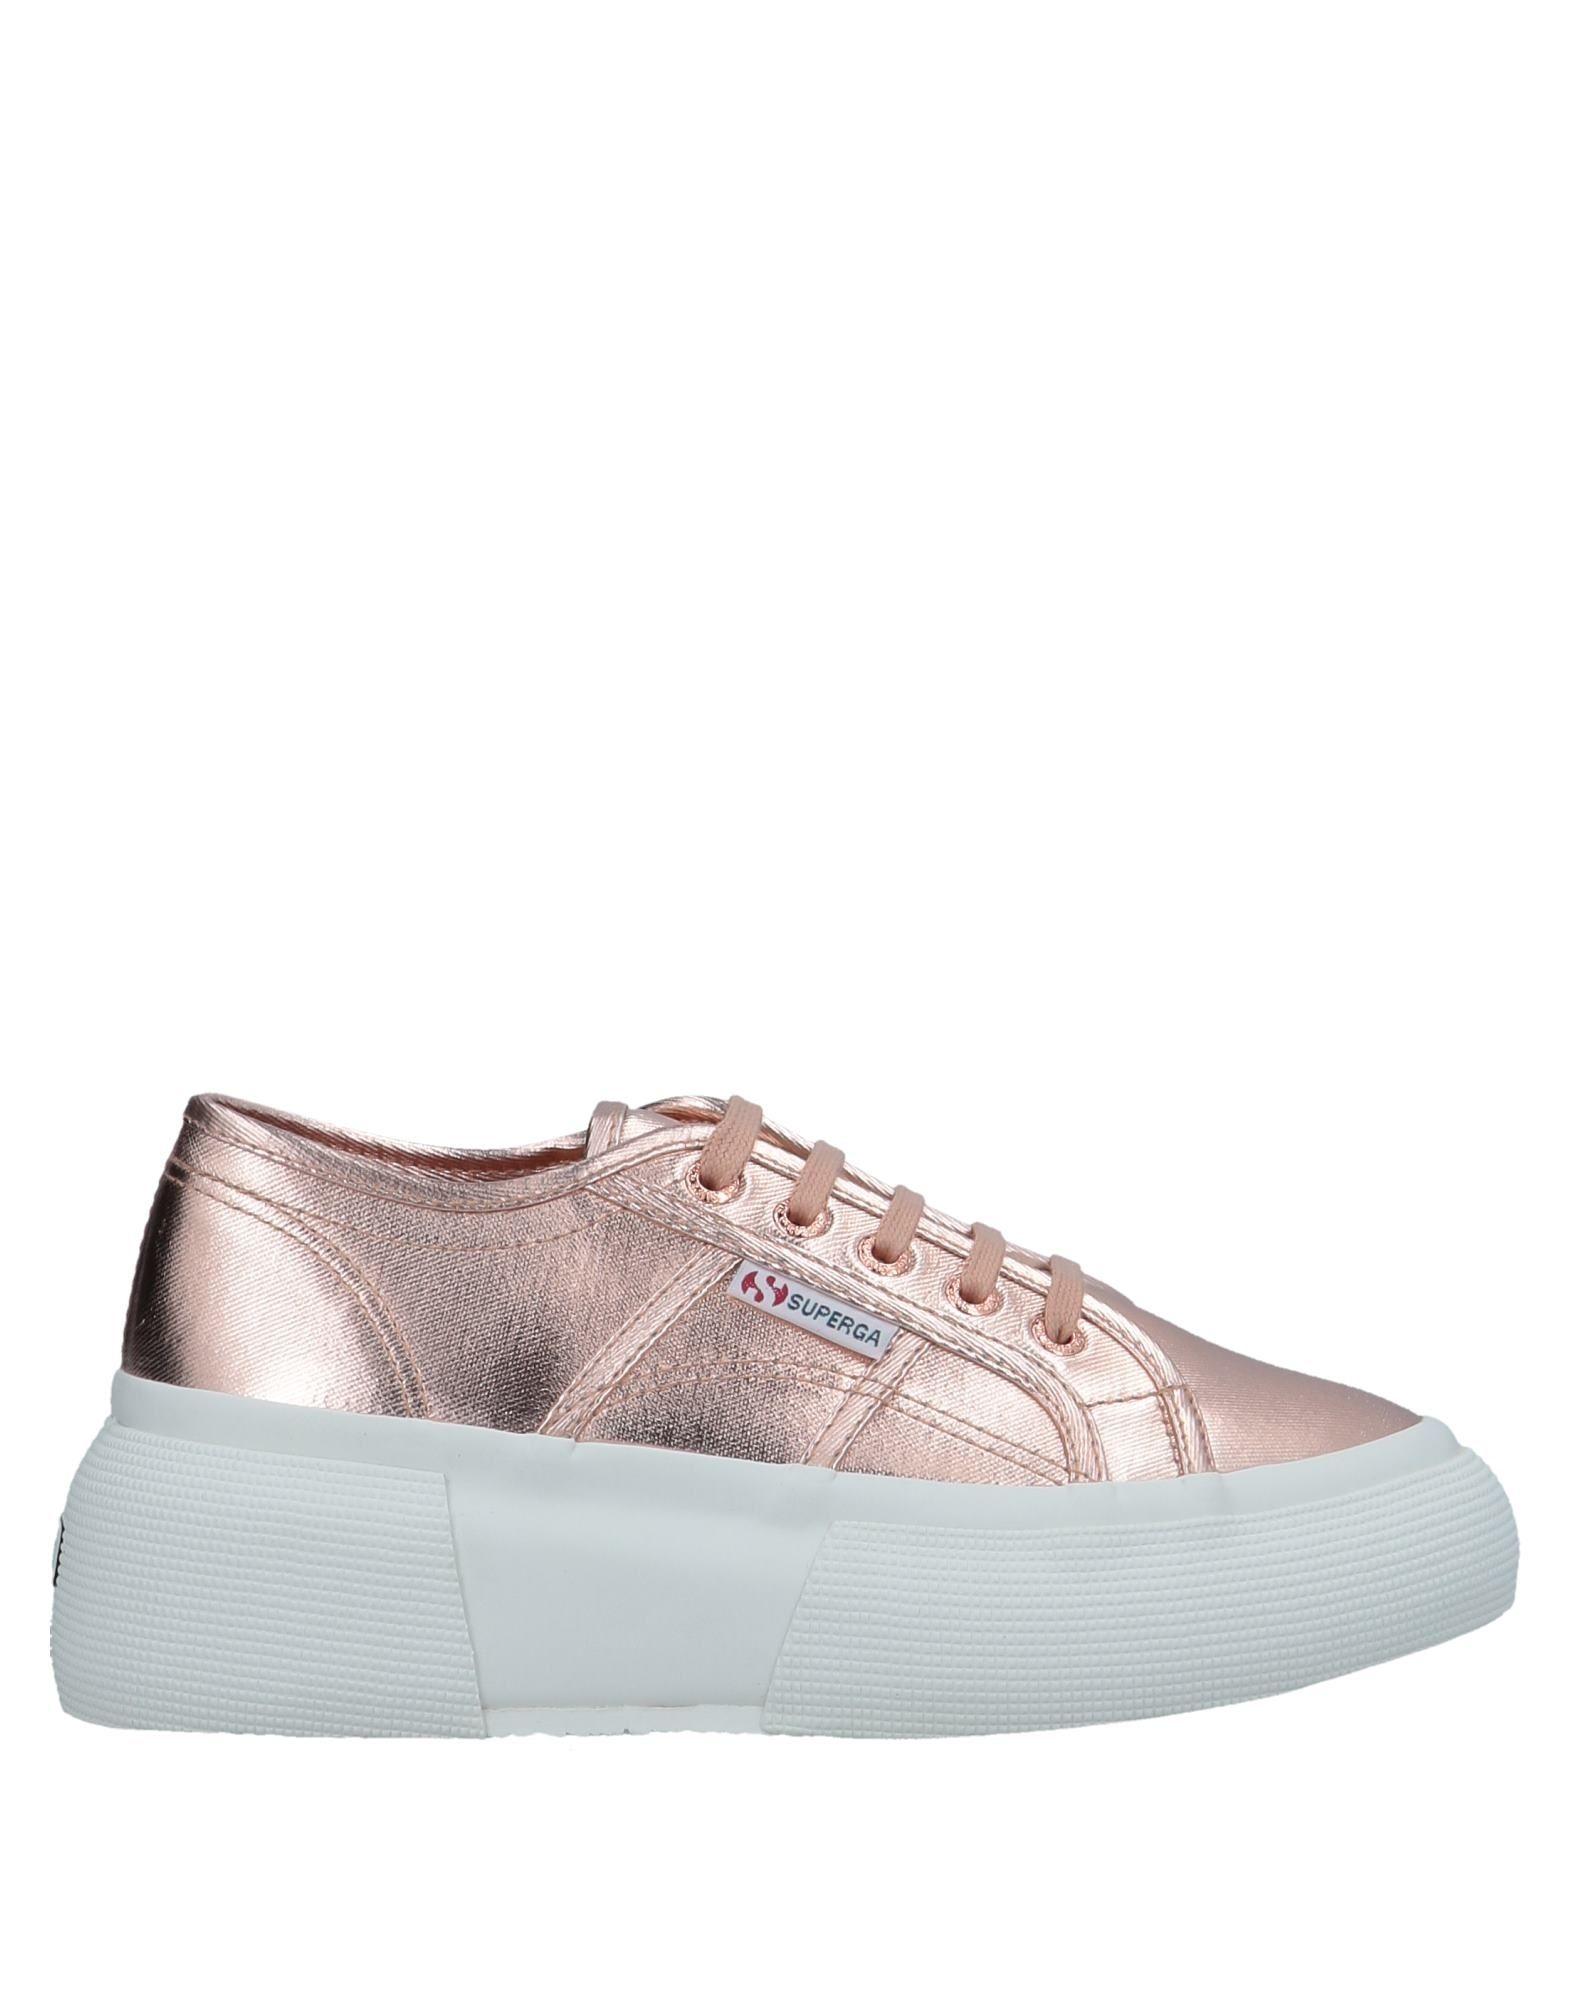 Superga® Sneakers Damen  11571236IR Gute Qualität beliebte Schuhe